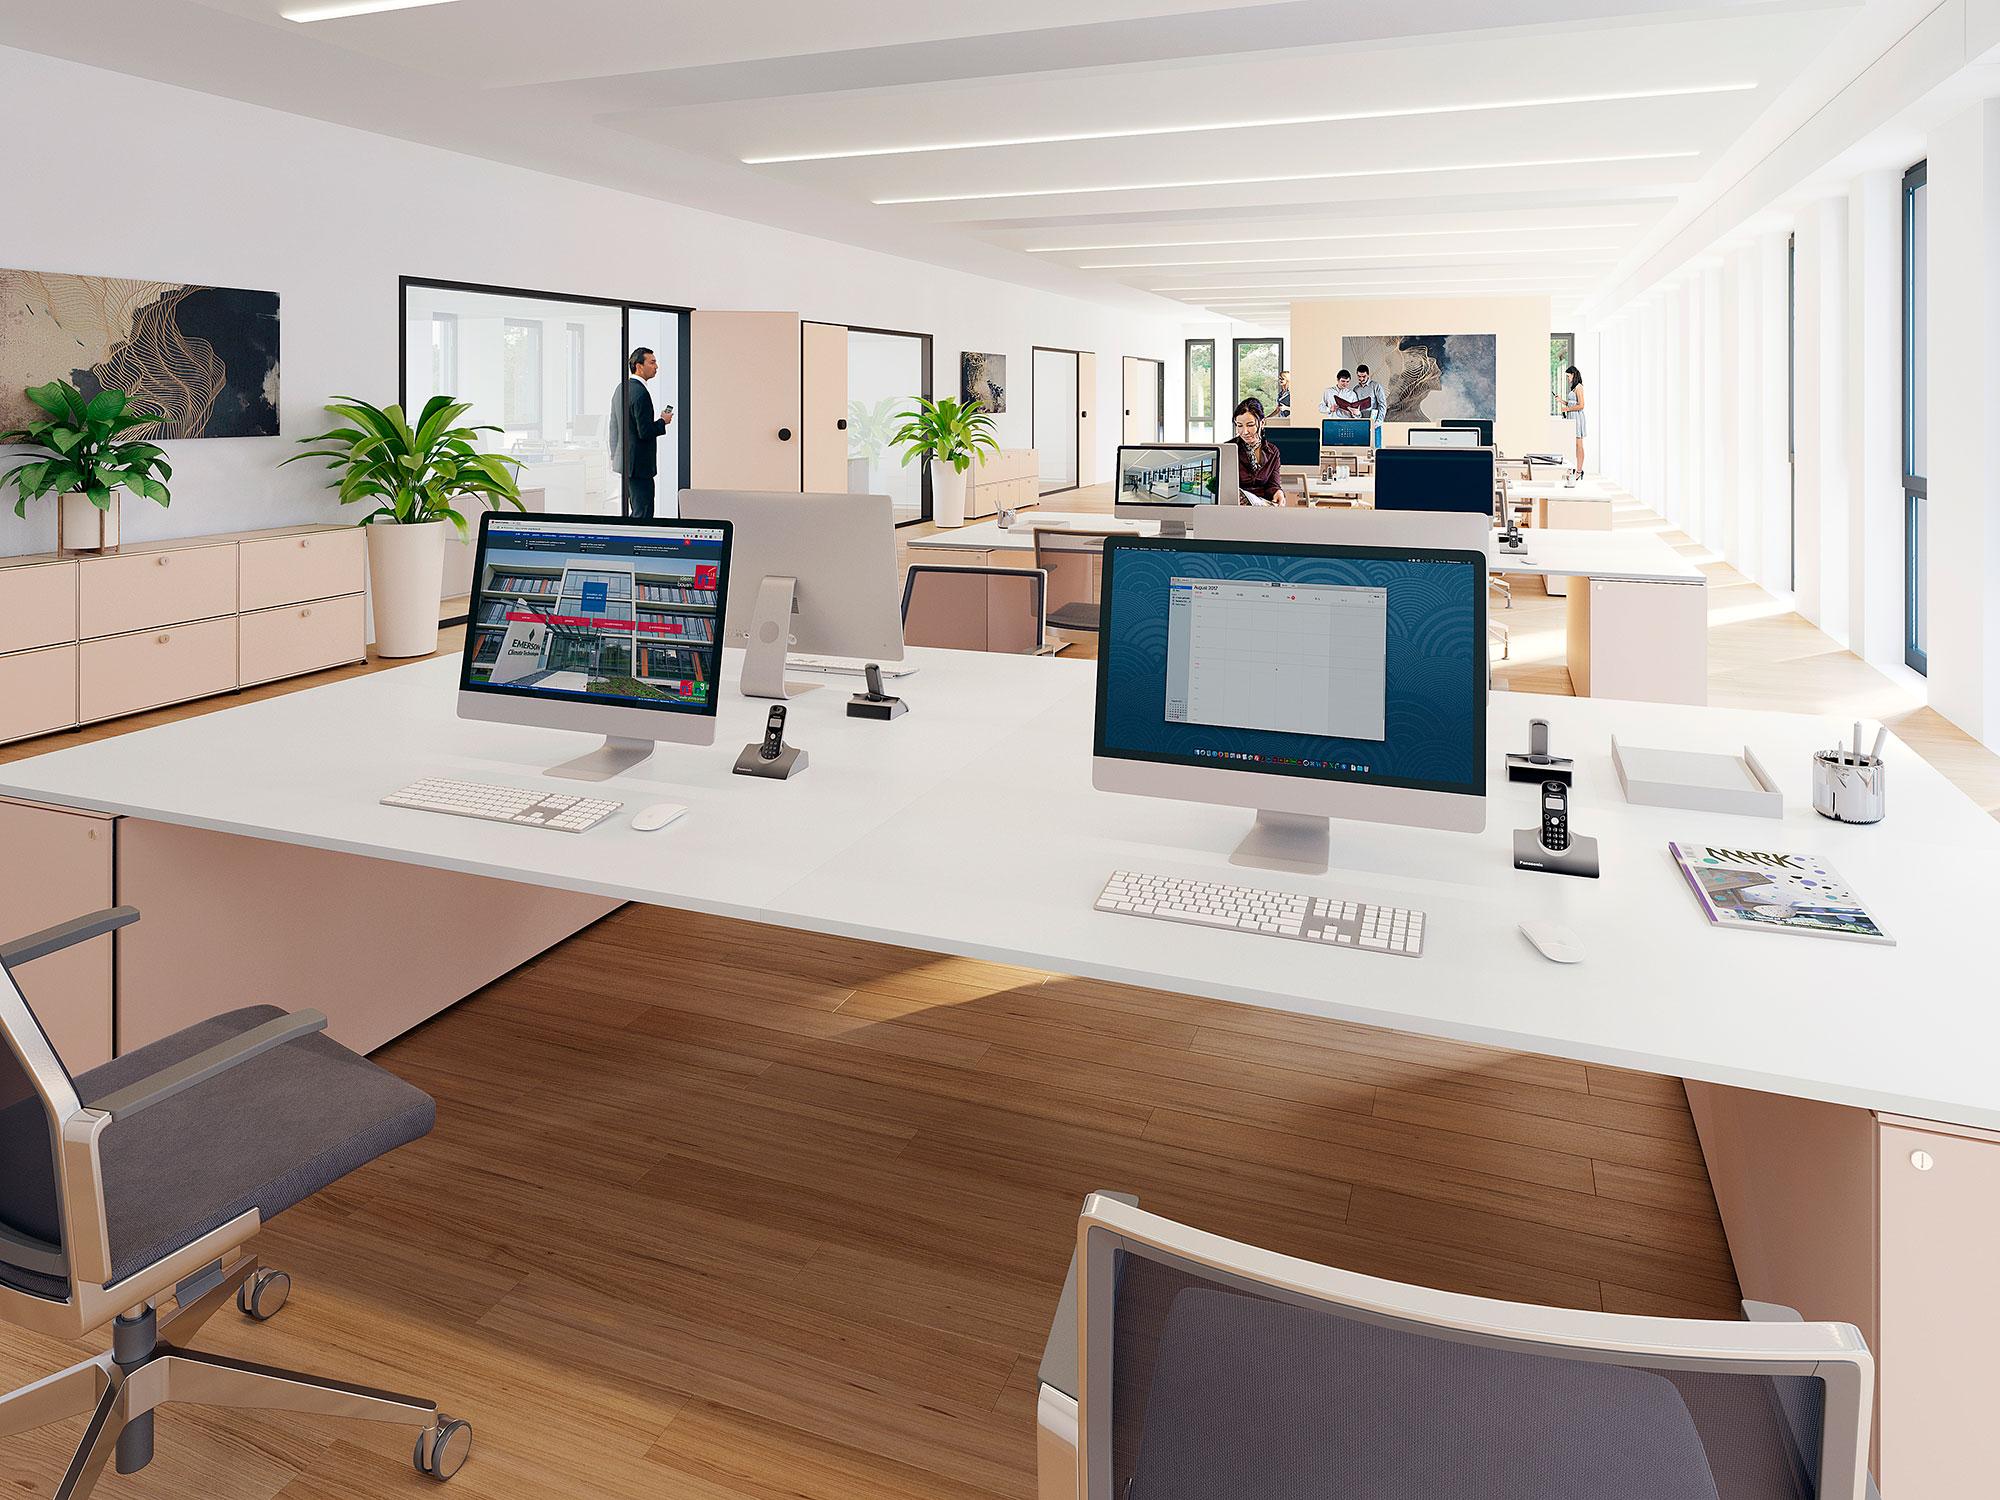 Kombibüro, Open-Space, flexible-Arbeitsplätze, Großraum, stützenfrei, Teambüro, Gruppenbüro